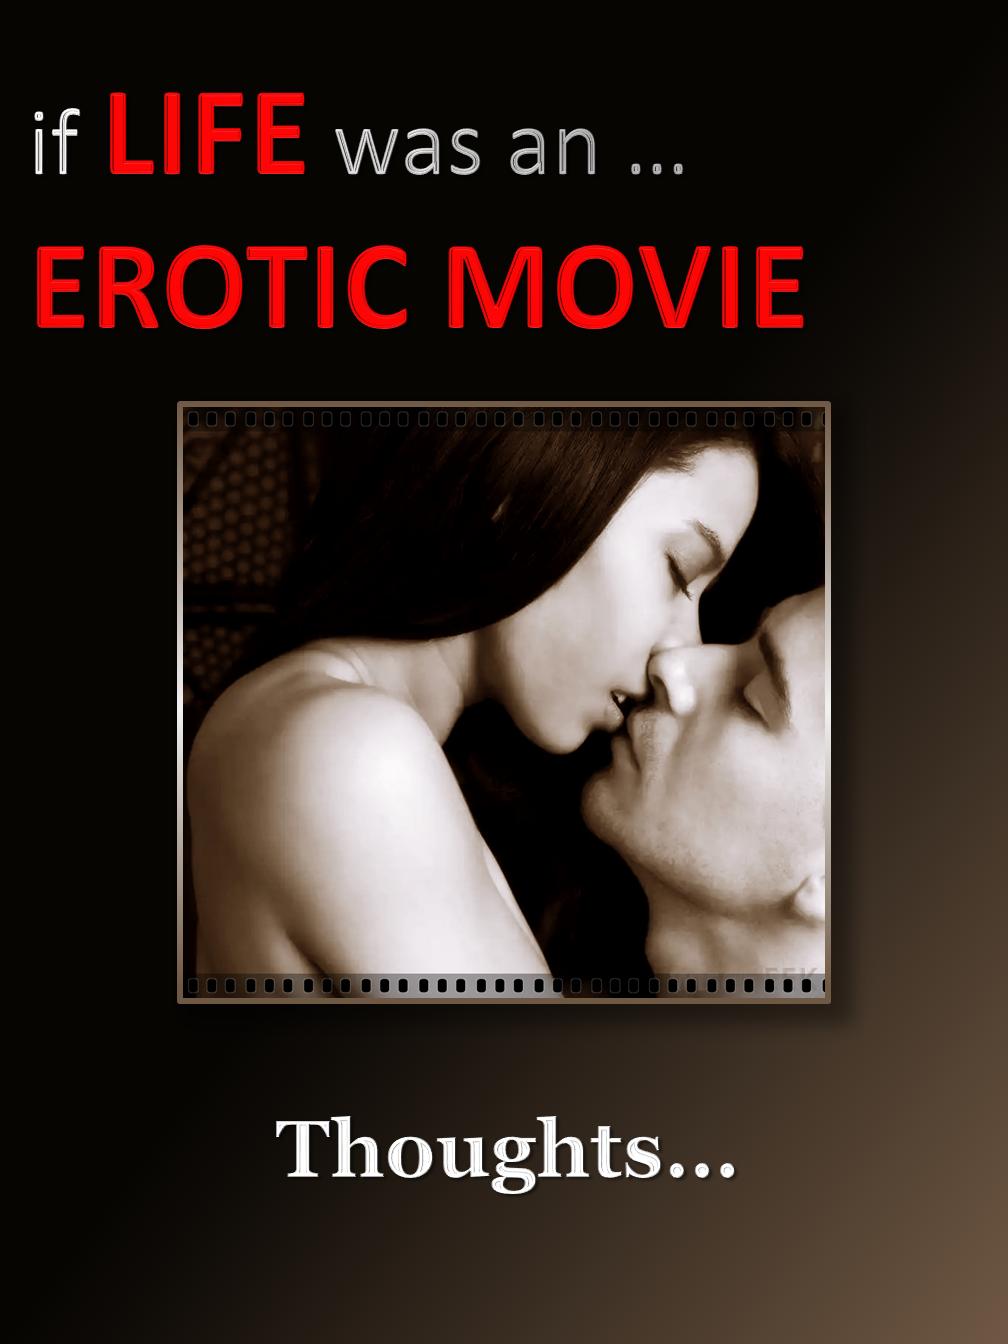 Erotic Movie?